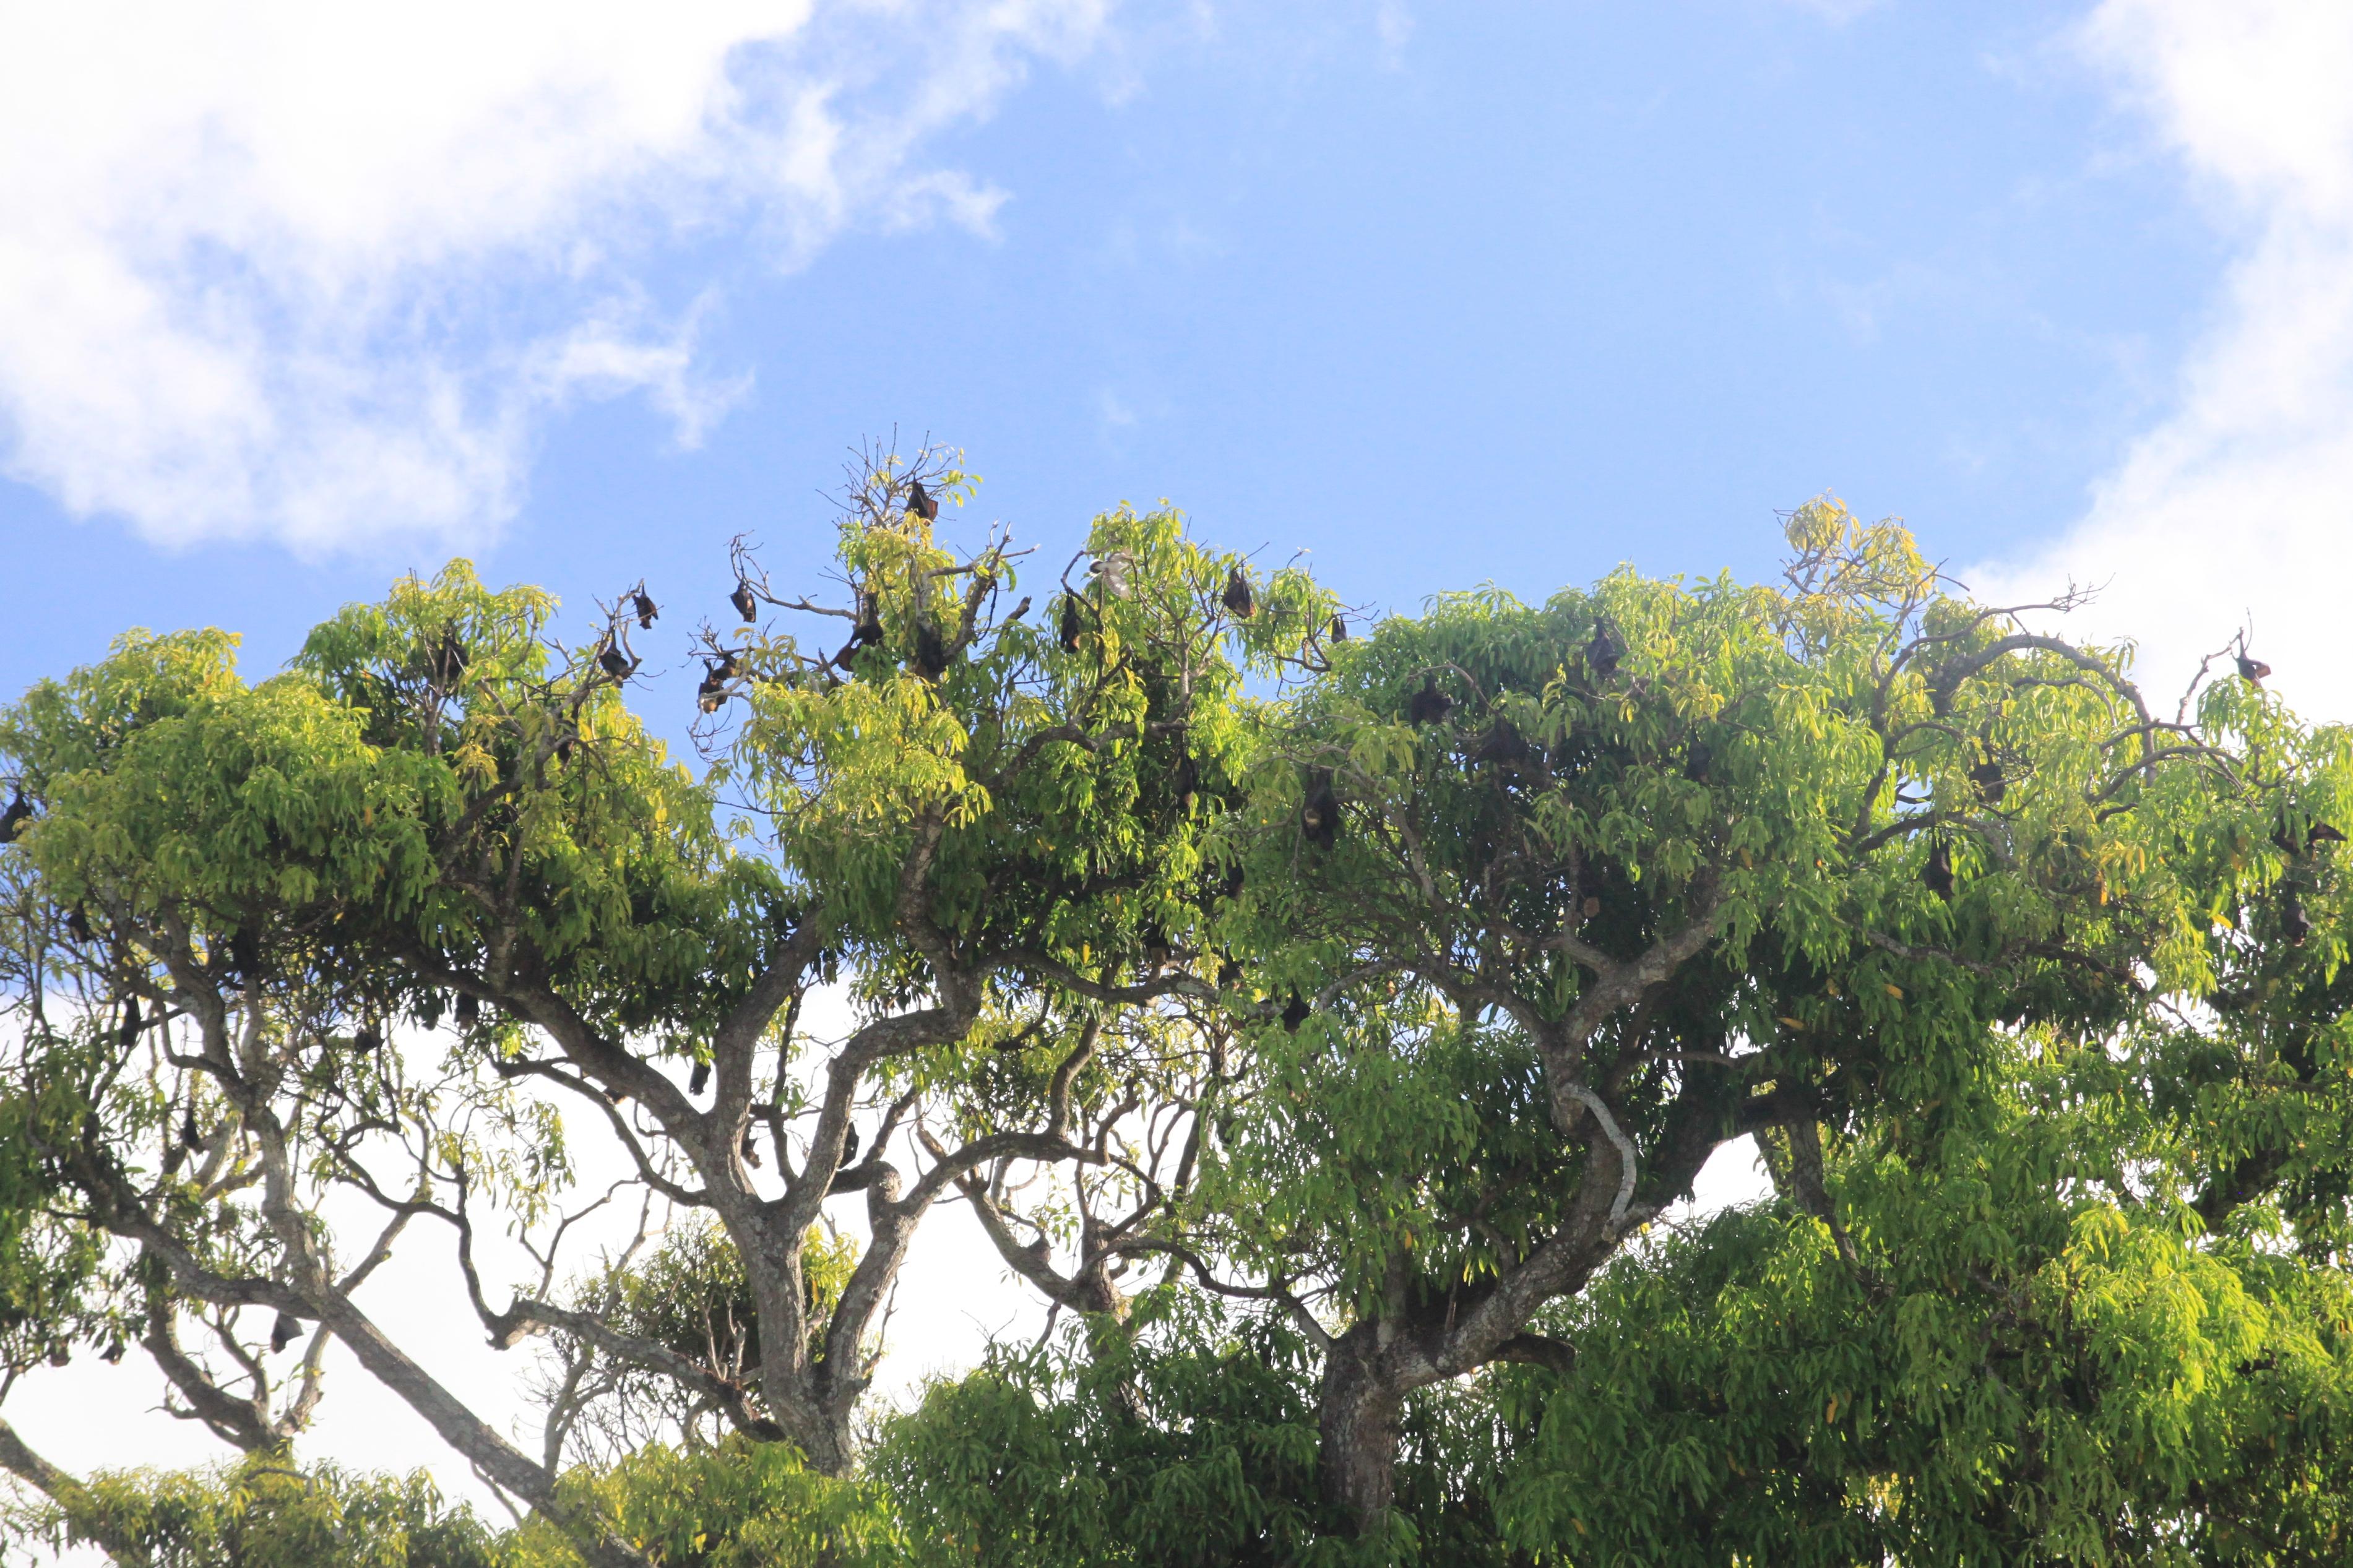 Sok helyen lehetett látni a fákon lógva repülő rókákat, azaz hatalmas denevéreket. Testméretük akár félméteresnél is nagyobb lehet. Esténként repülnek ki vadászatra, de nem kell félni, vegánok: csak gyümölcsöket esznek. Igaz nem is láttam kóbor macskát az országban. Hm...